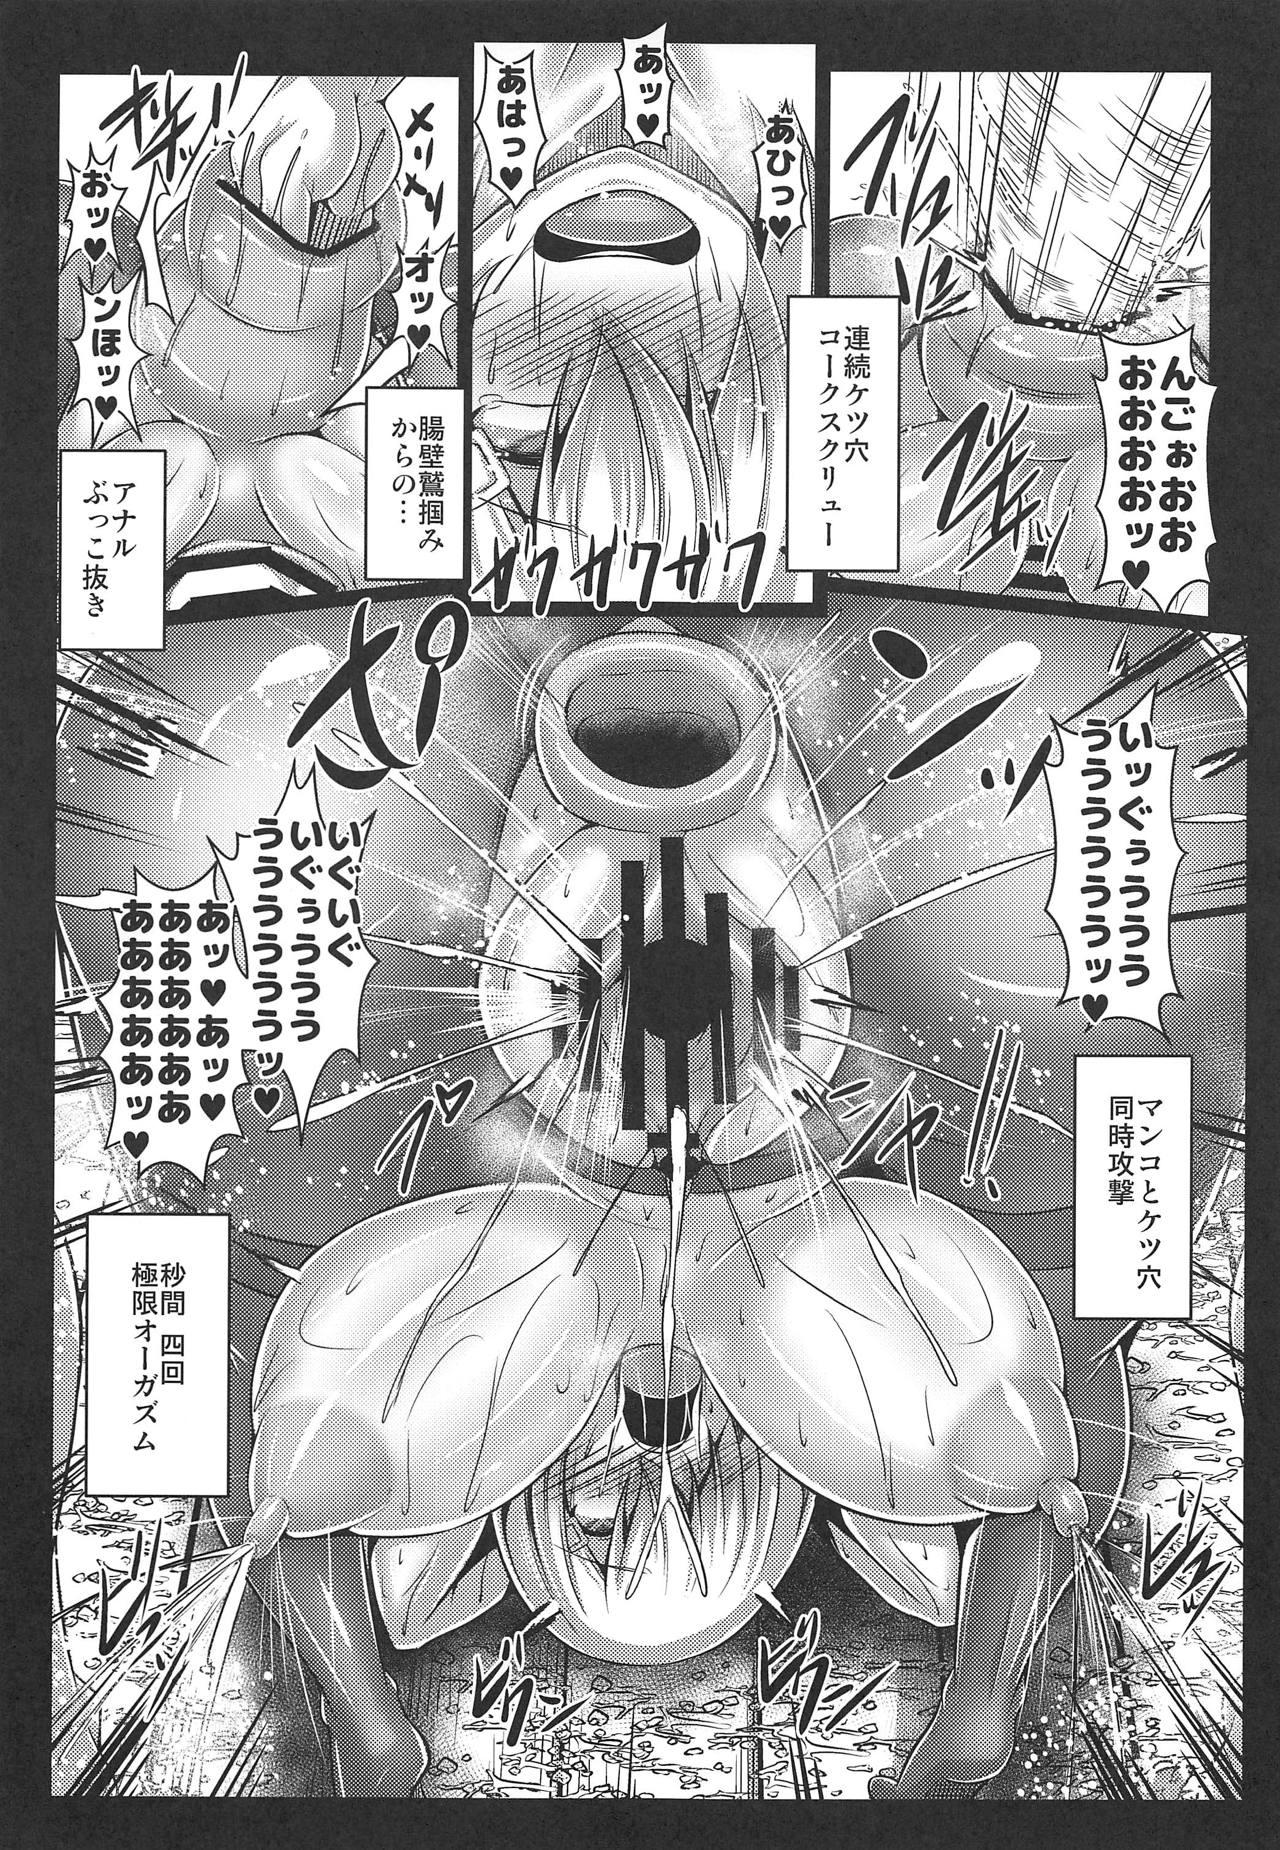 【エロ漫画】発狂同然のイキ地獄!!ケツ穴に腕ごと投入で精神崩壊しちゃうううう!